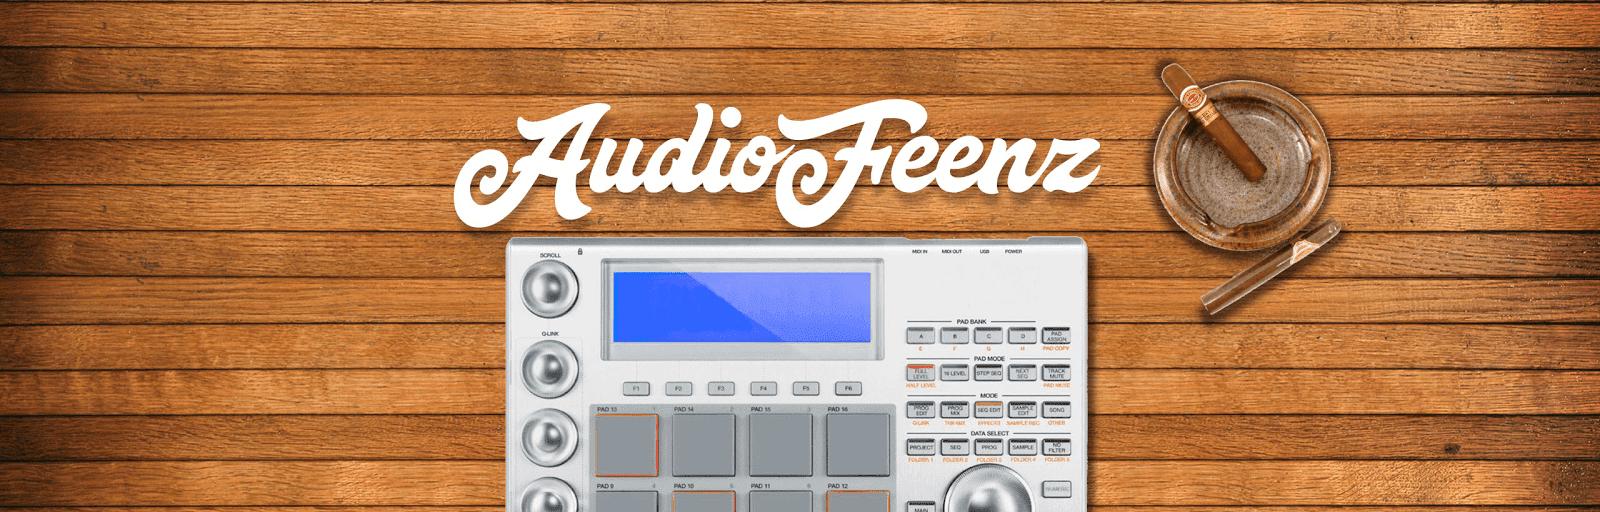 AudioFeenz